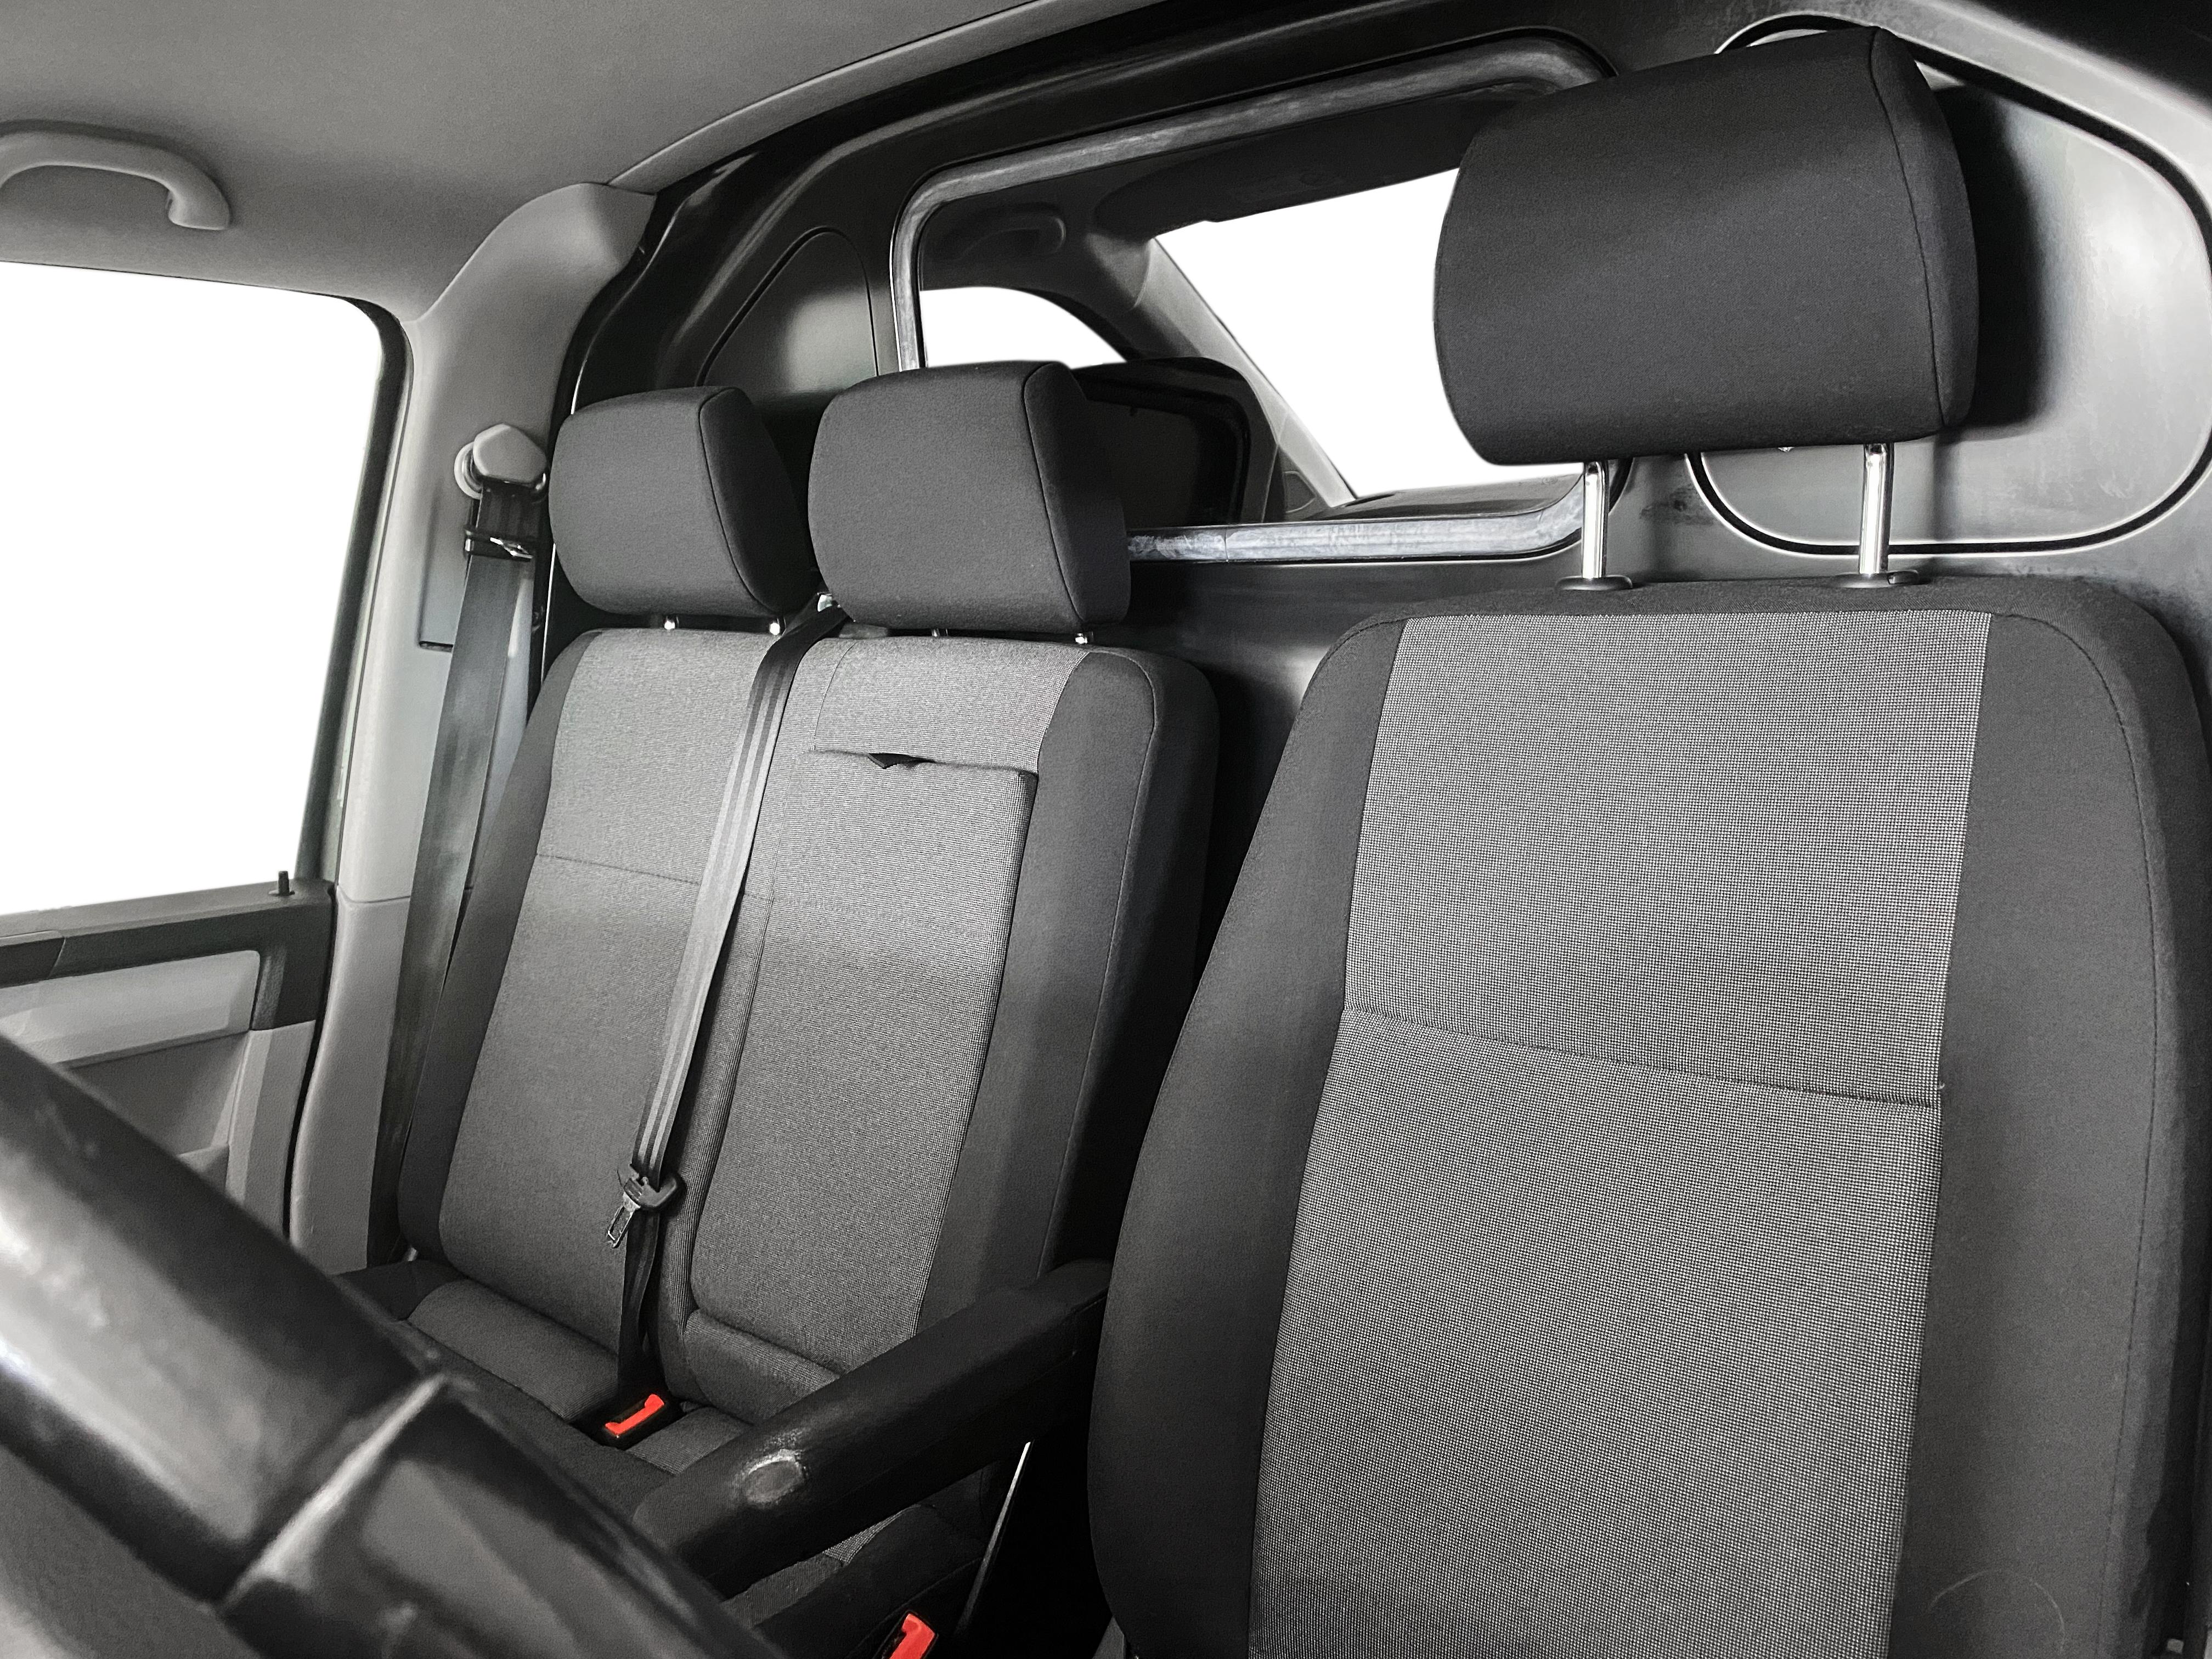 VW Transporter TDi 150 Kassevogn DSG lang leasing